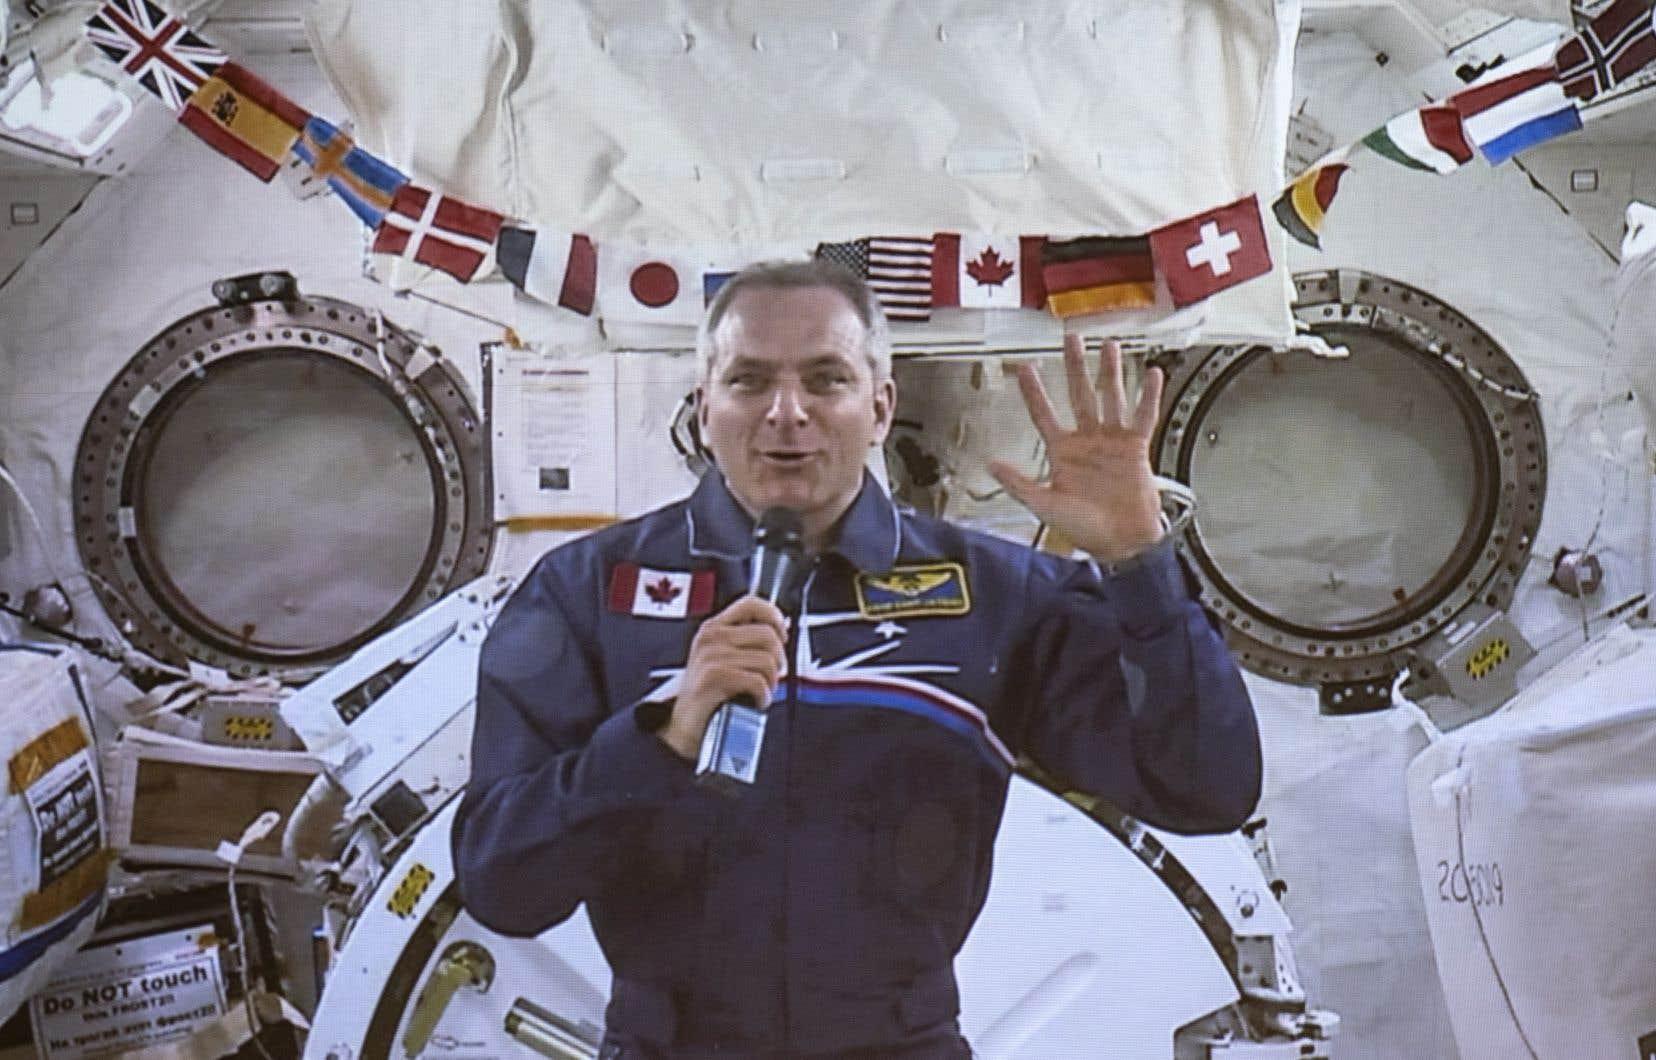 <p>La première mission spatiale de David Saint-Jacques, avec l'astronaute de la NASA Anne McClain et le cosmonaute russe Oleg Kononenko, a débuté le 3décembre lorsque le trio est arrivé à bord d'une capsule Soyouz.</p>